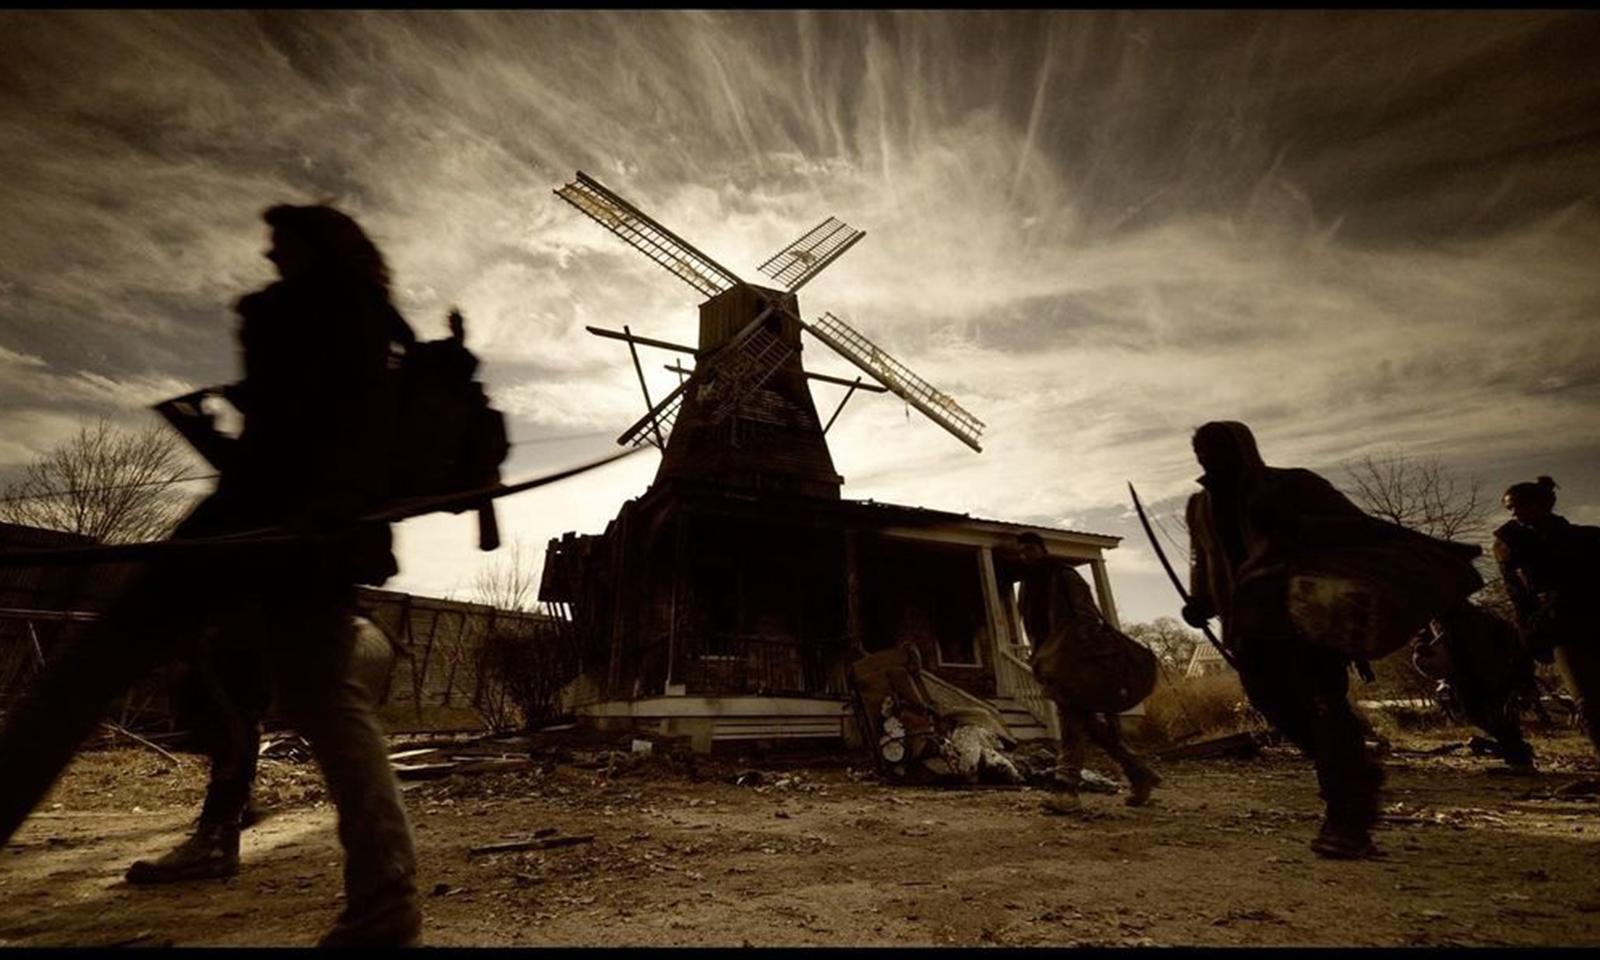 Maggie, Hershel, Elijah, Magna e outros personagens em movimento em Alexandria em imagem dos bastidores das gravações da 11ª e última temporada de The Walking Dead.